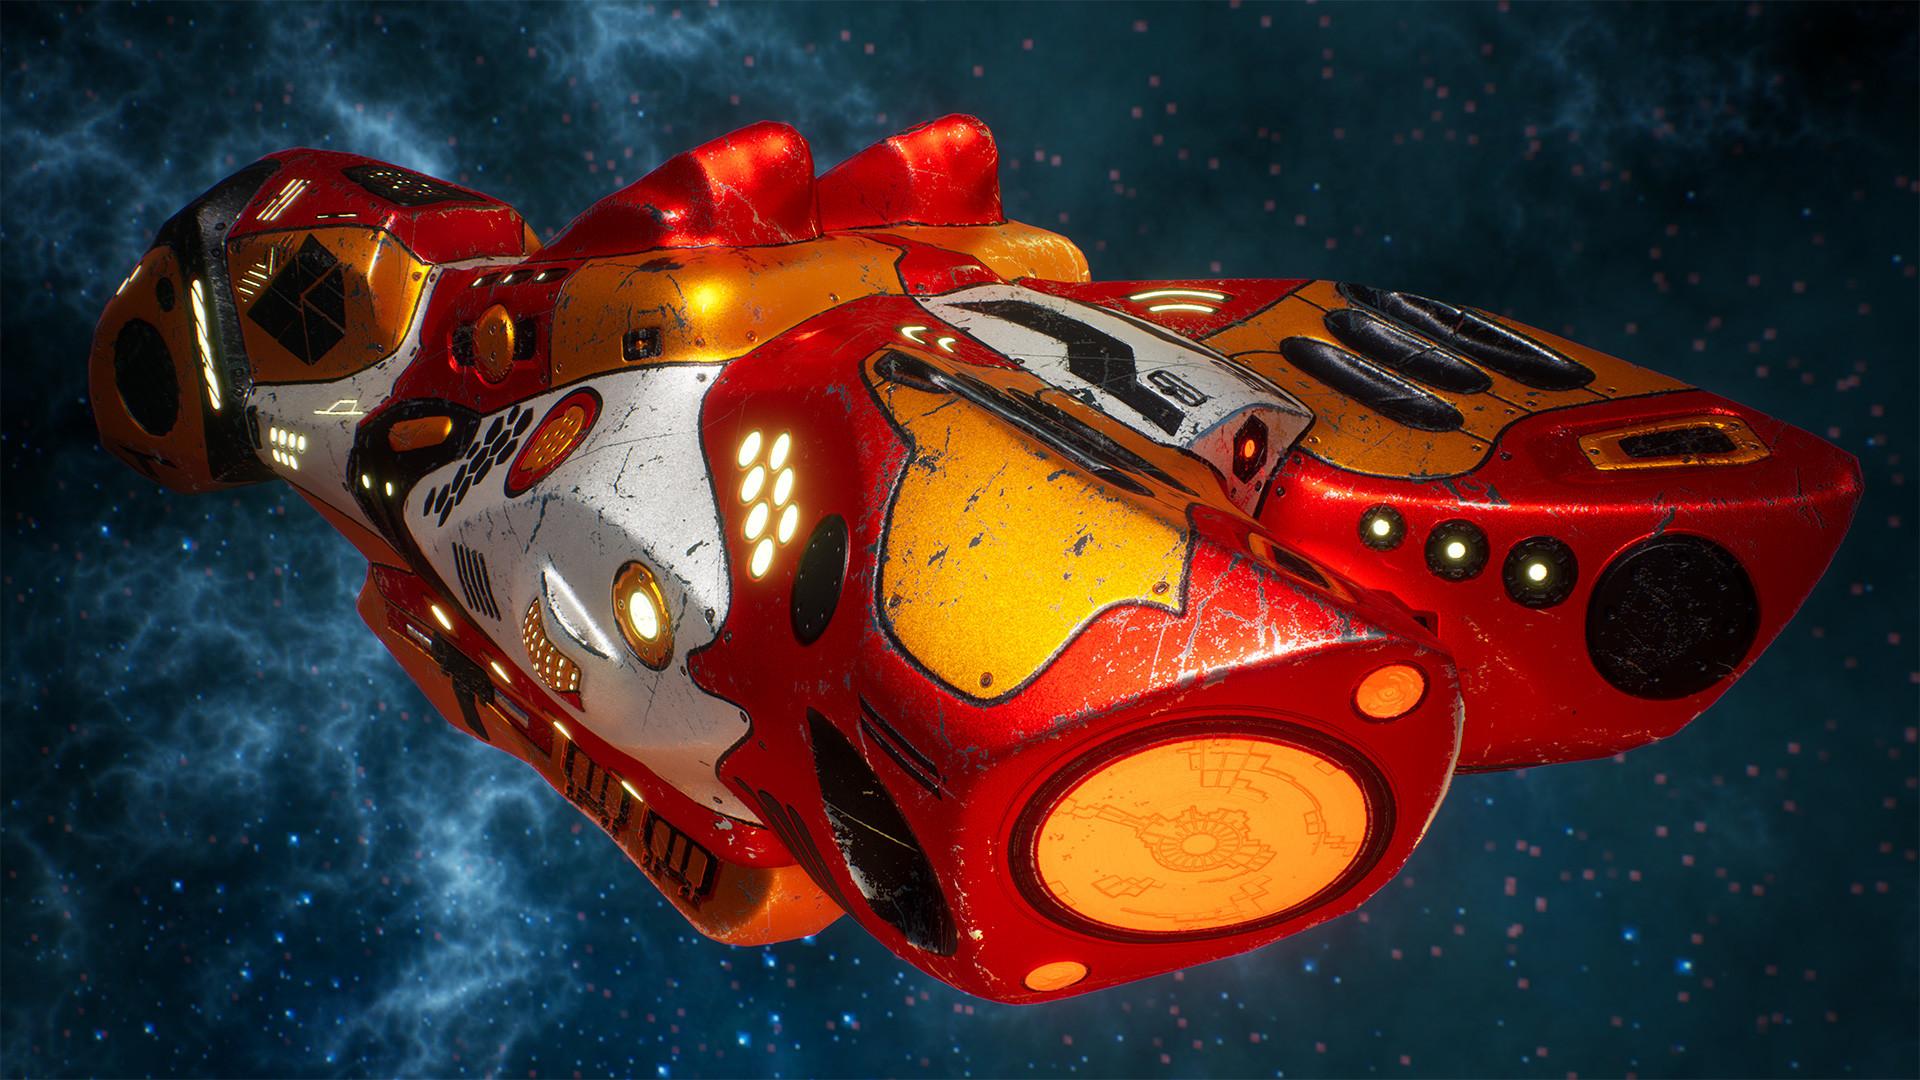 Andrew krivulya spaceship render 10